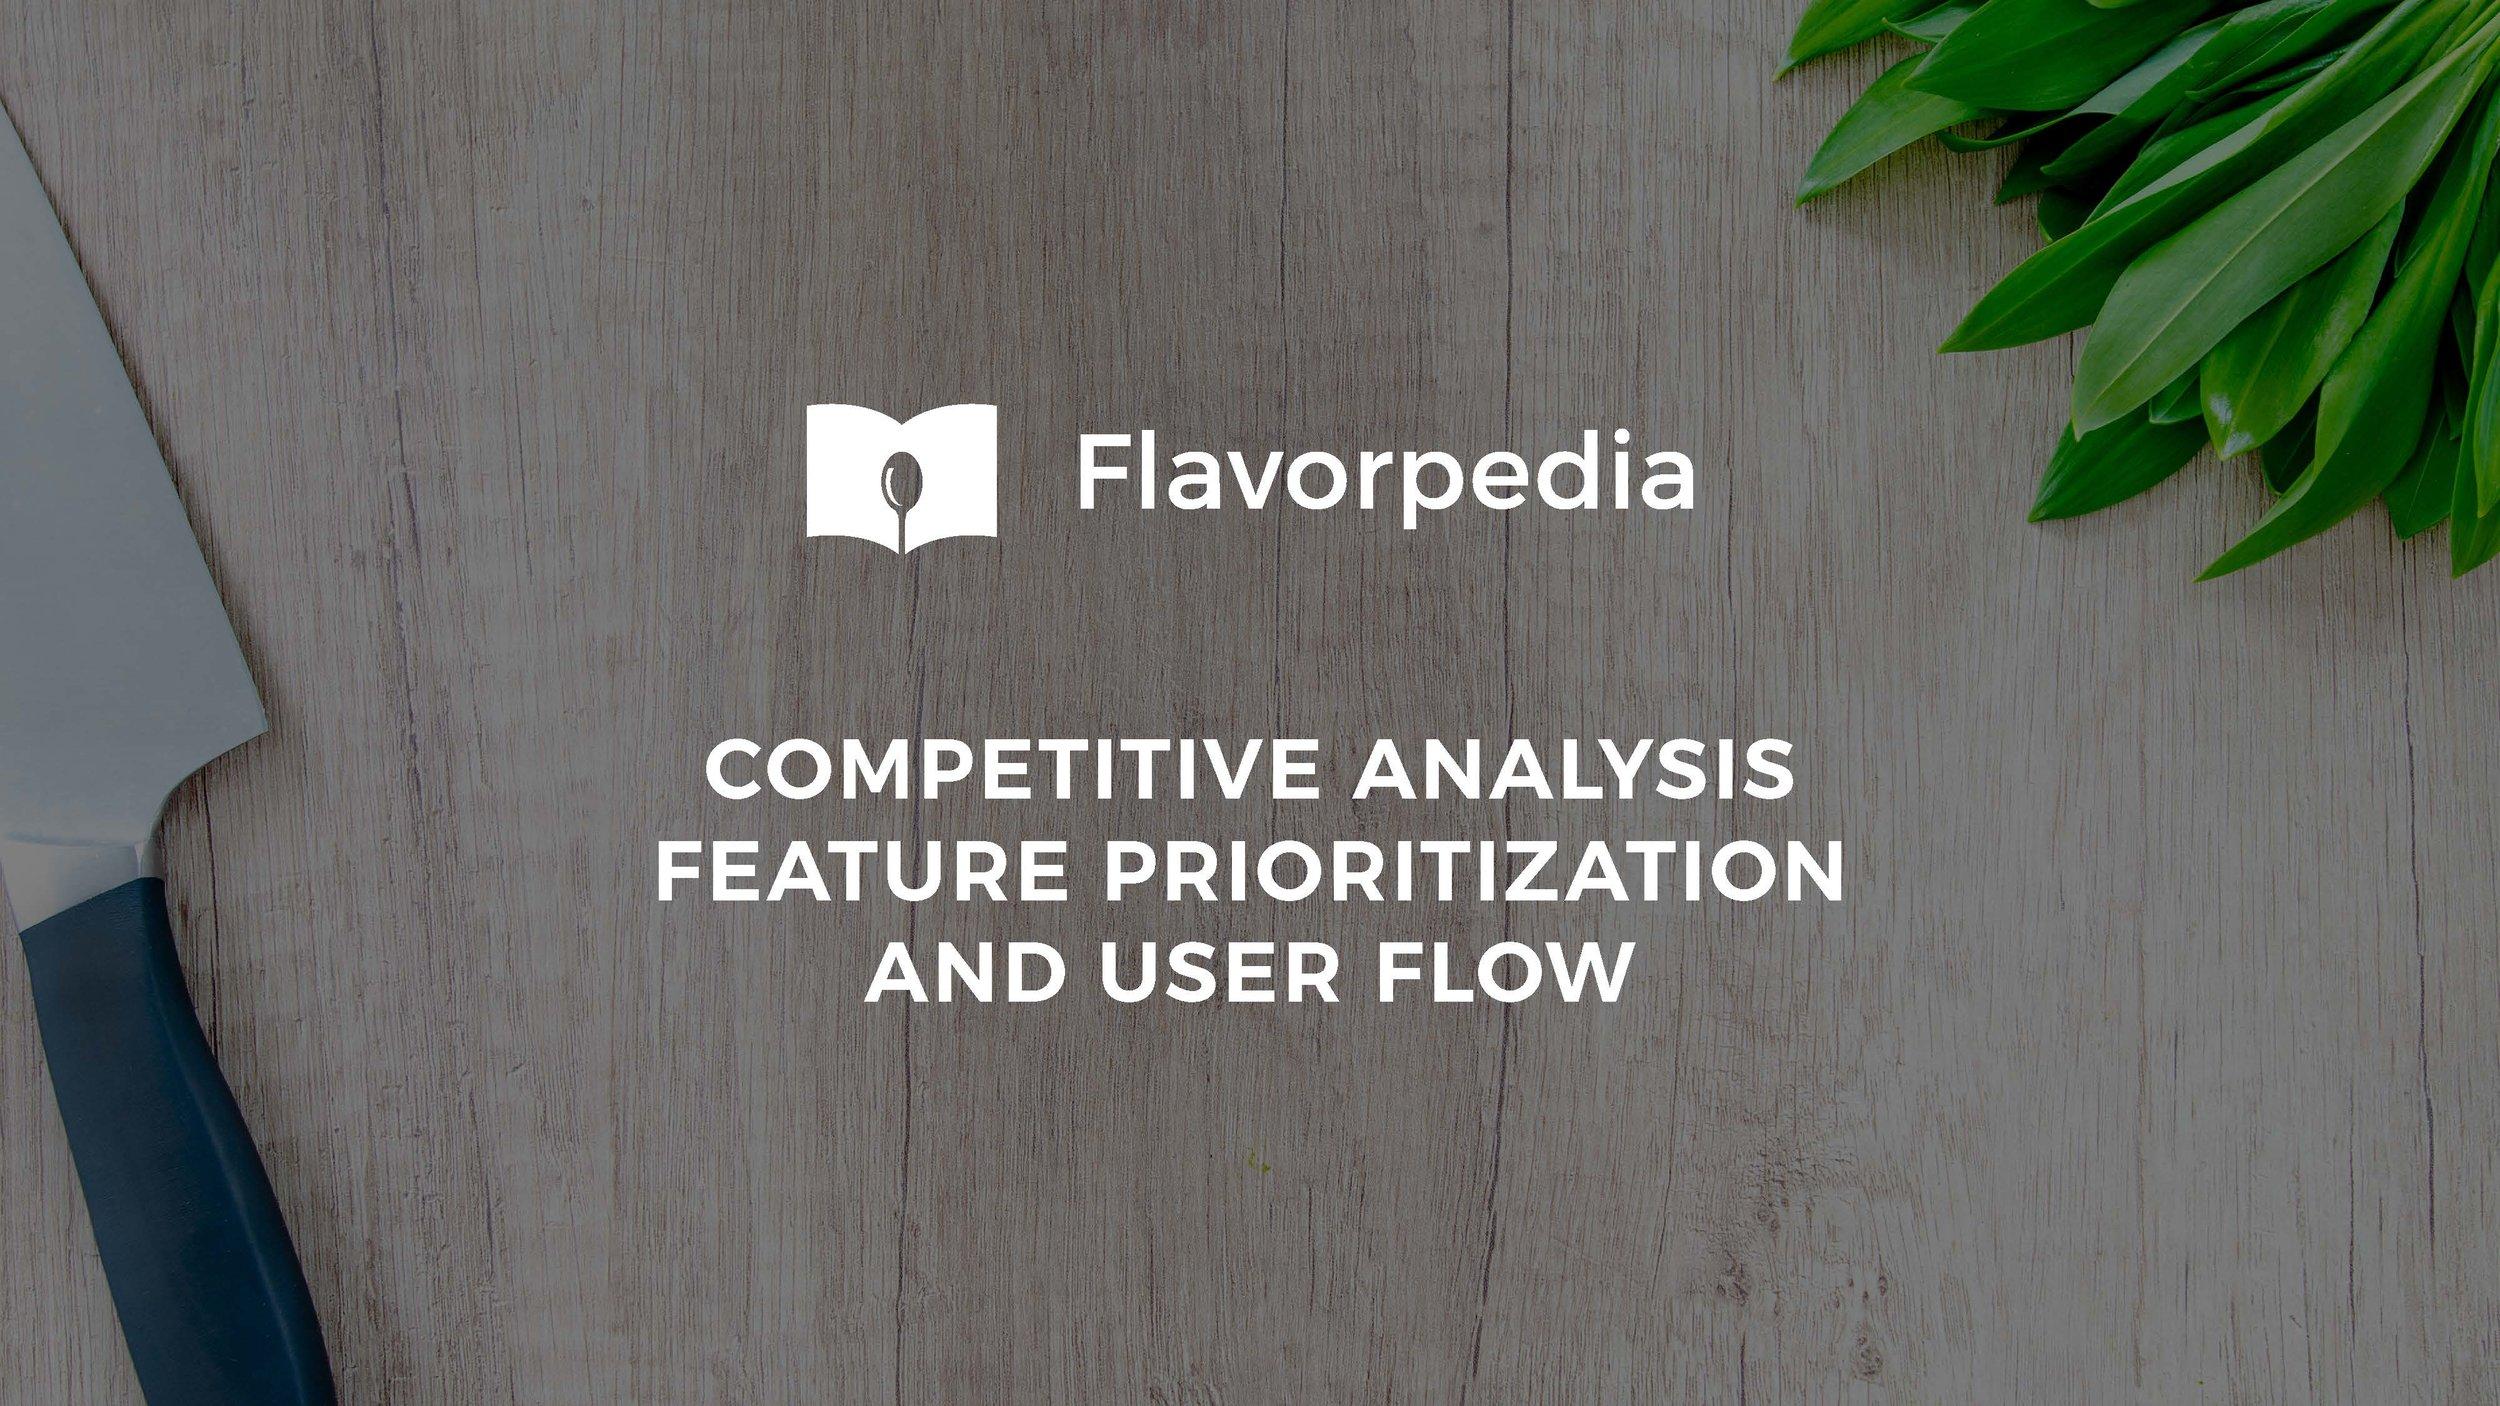 Flavorpedia_Page_08.jpg